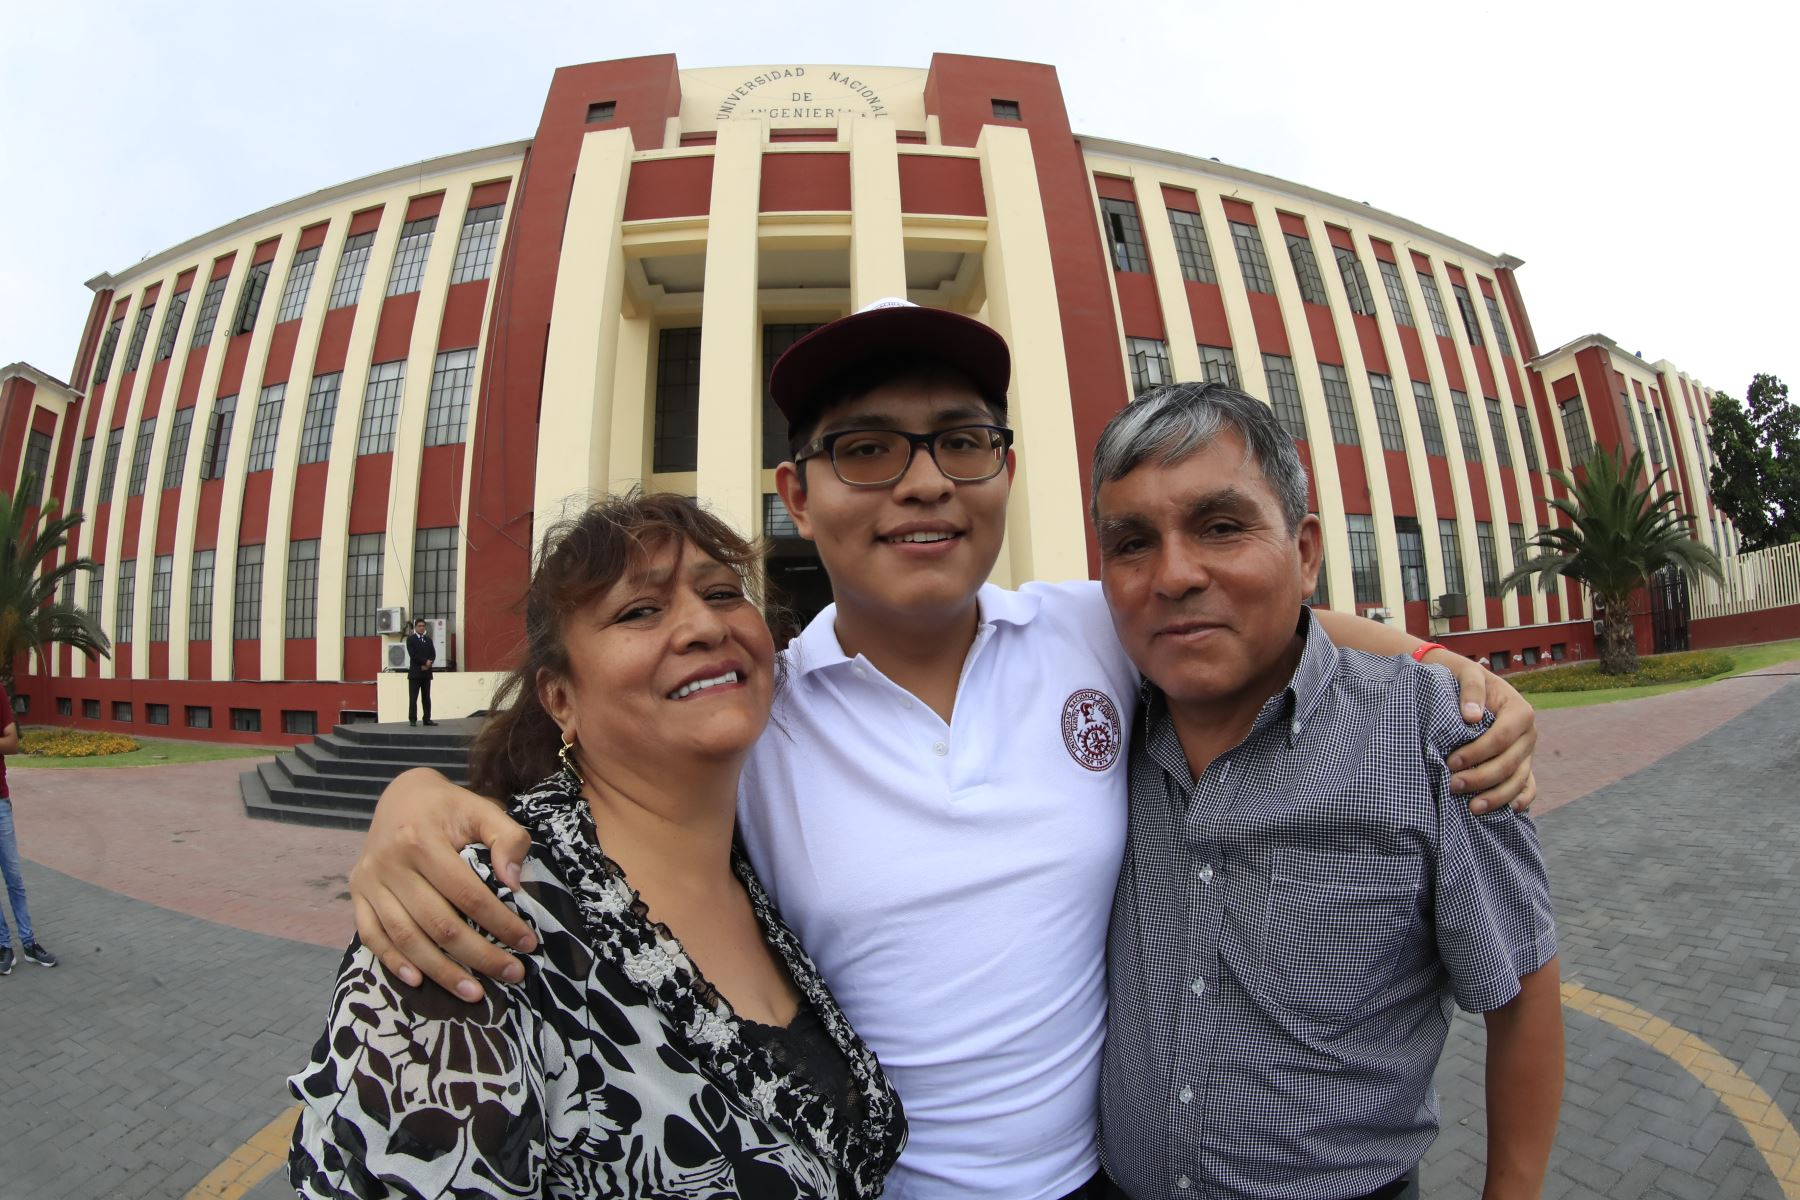 Salvador Loayza Segura, segundo puesto acompañado de sus padres  Foto: ANDINA/Juan Carlos Guzmán Negrini.